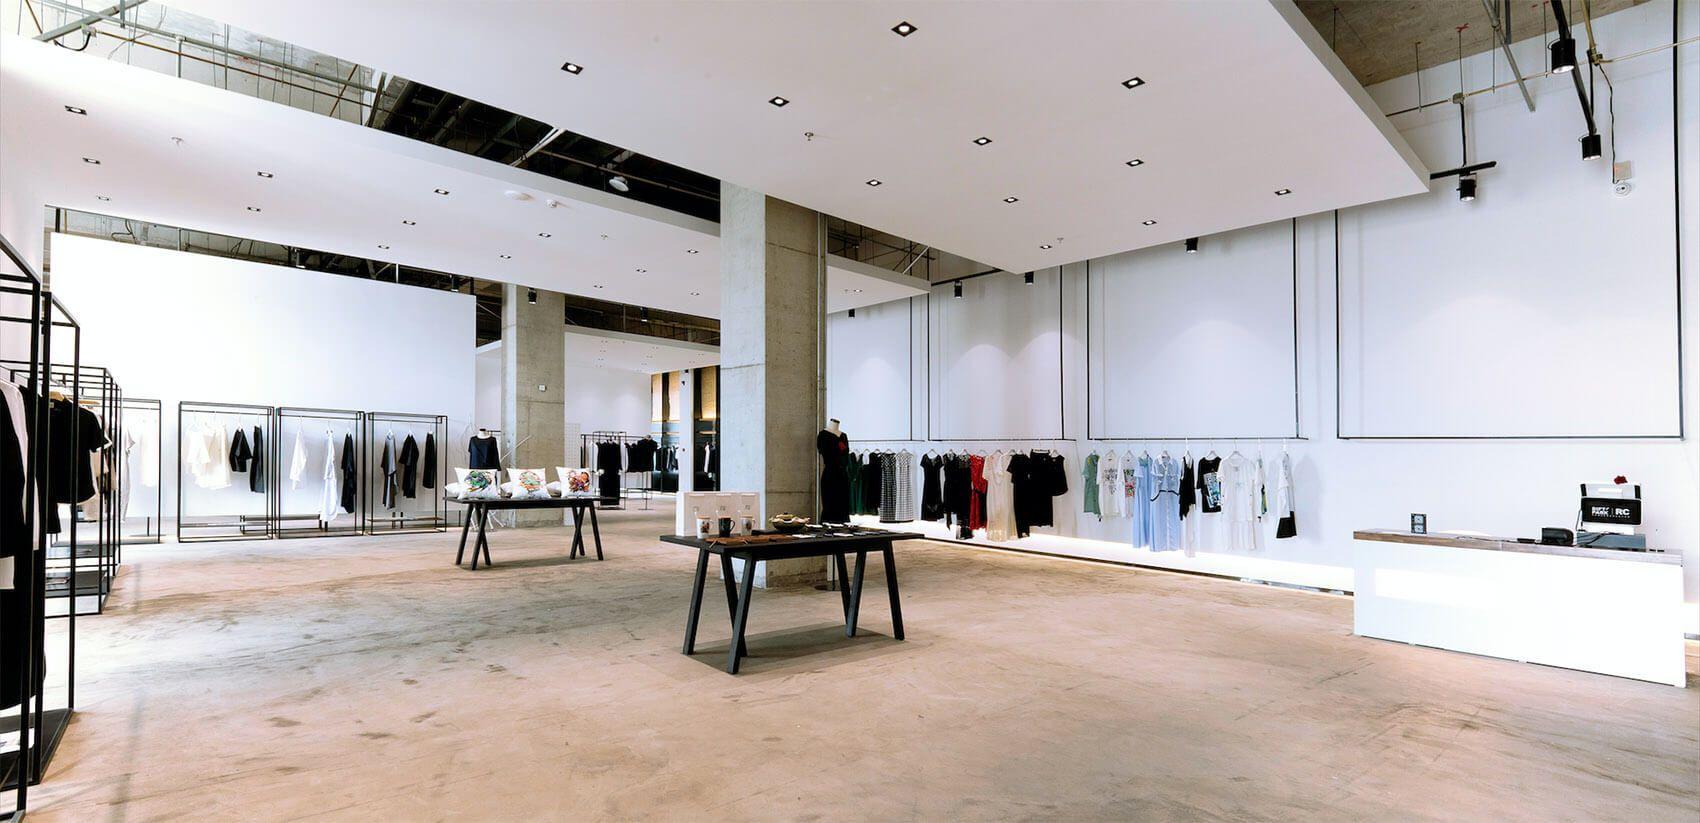 时尚工业风:北京服装学院容成时尚创意产业园办公空间设计| - 5